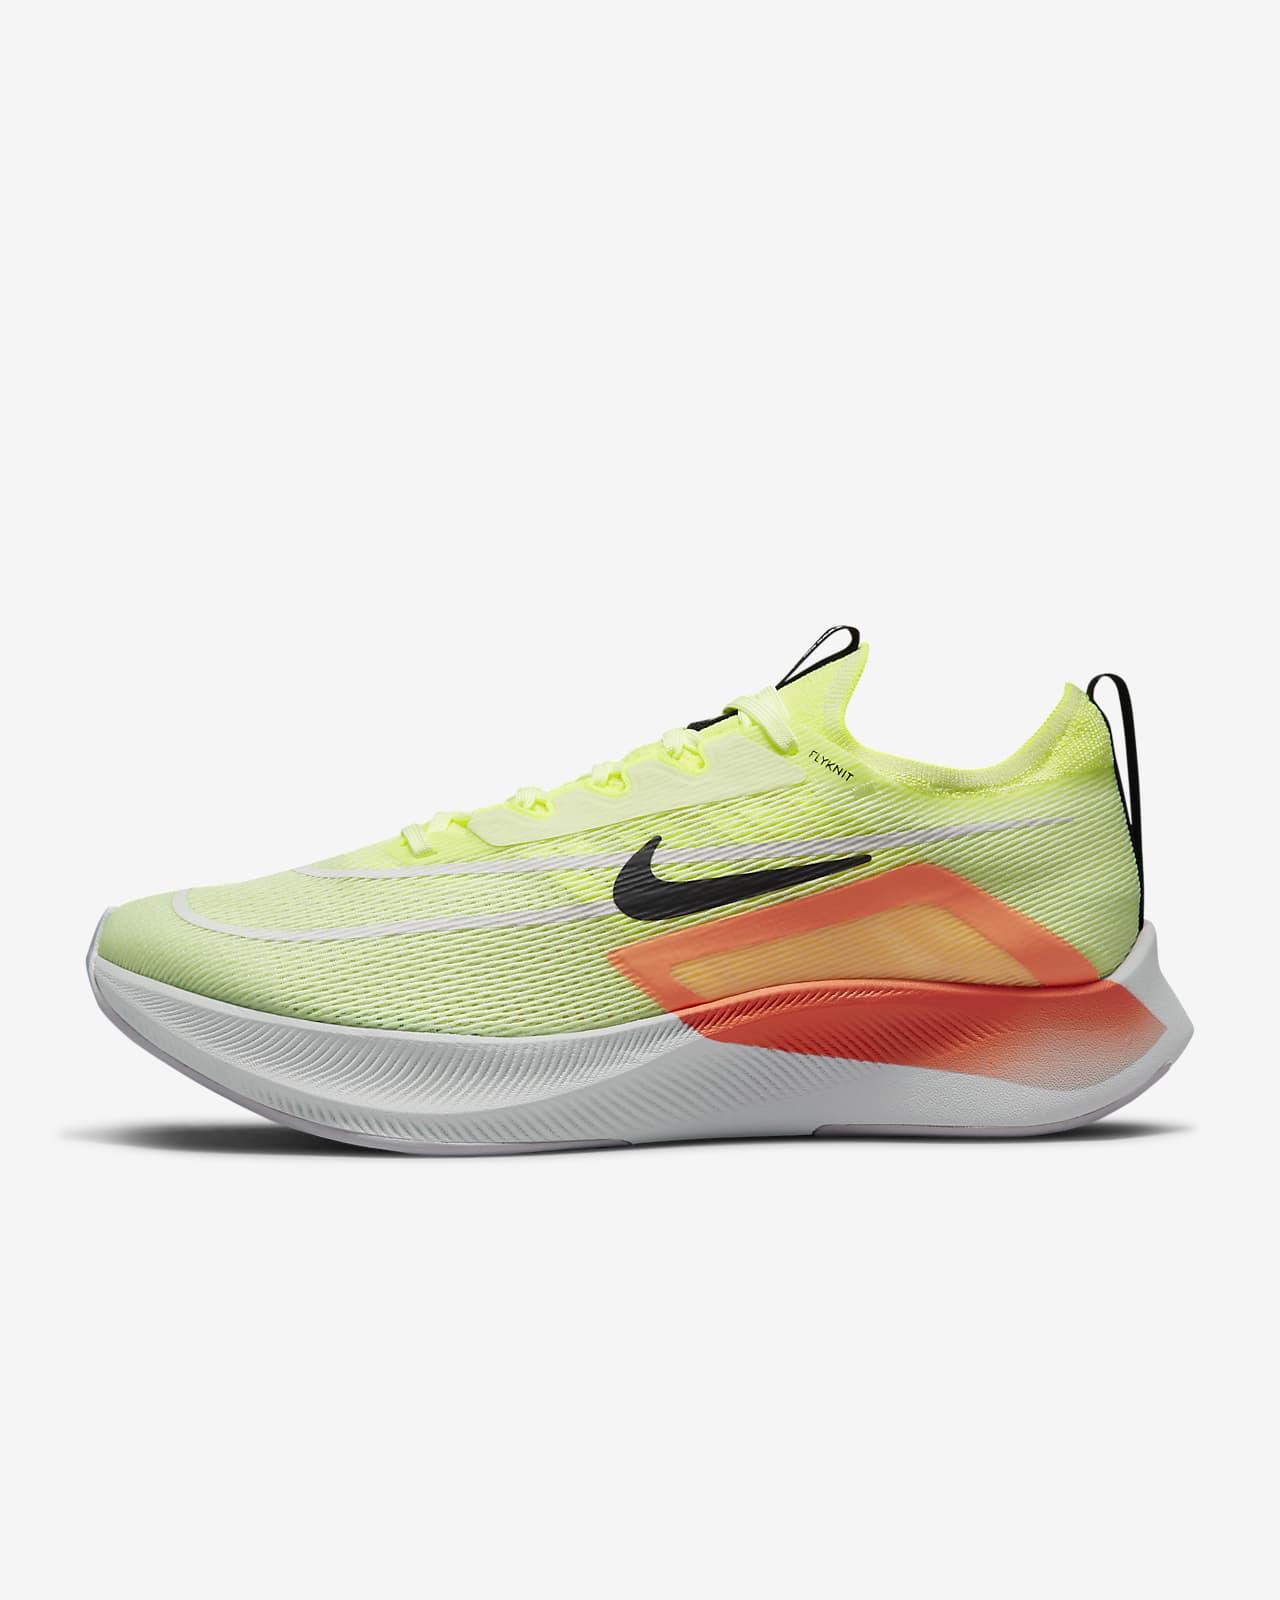 Męskie buty do biegania po asfalcie Nike Zoom Fly 4